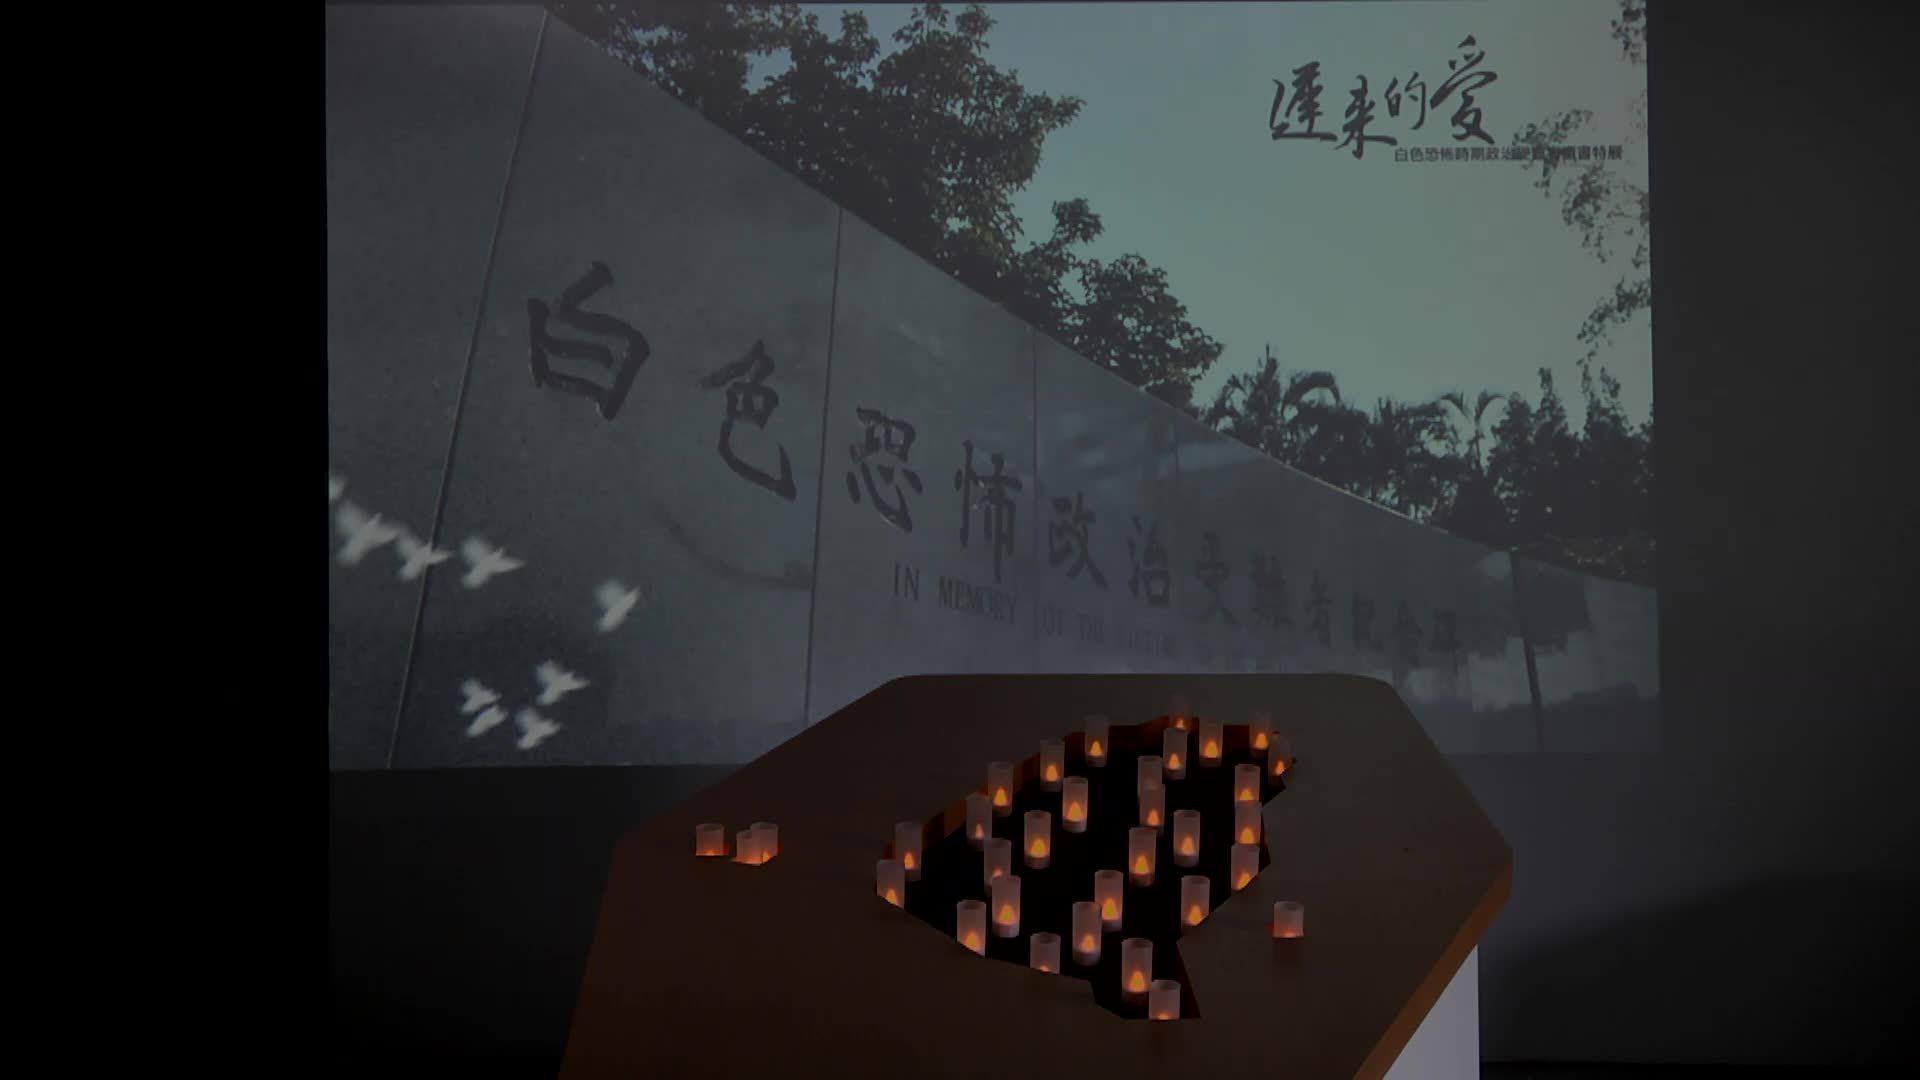 遲來的愛-白色恐怖時期政治受難者遺書特展 影像紀錄中文版